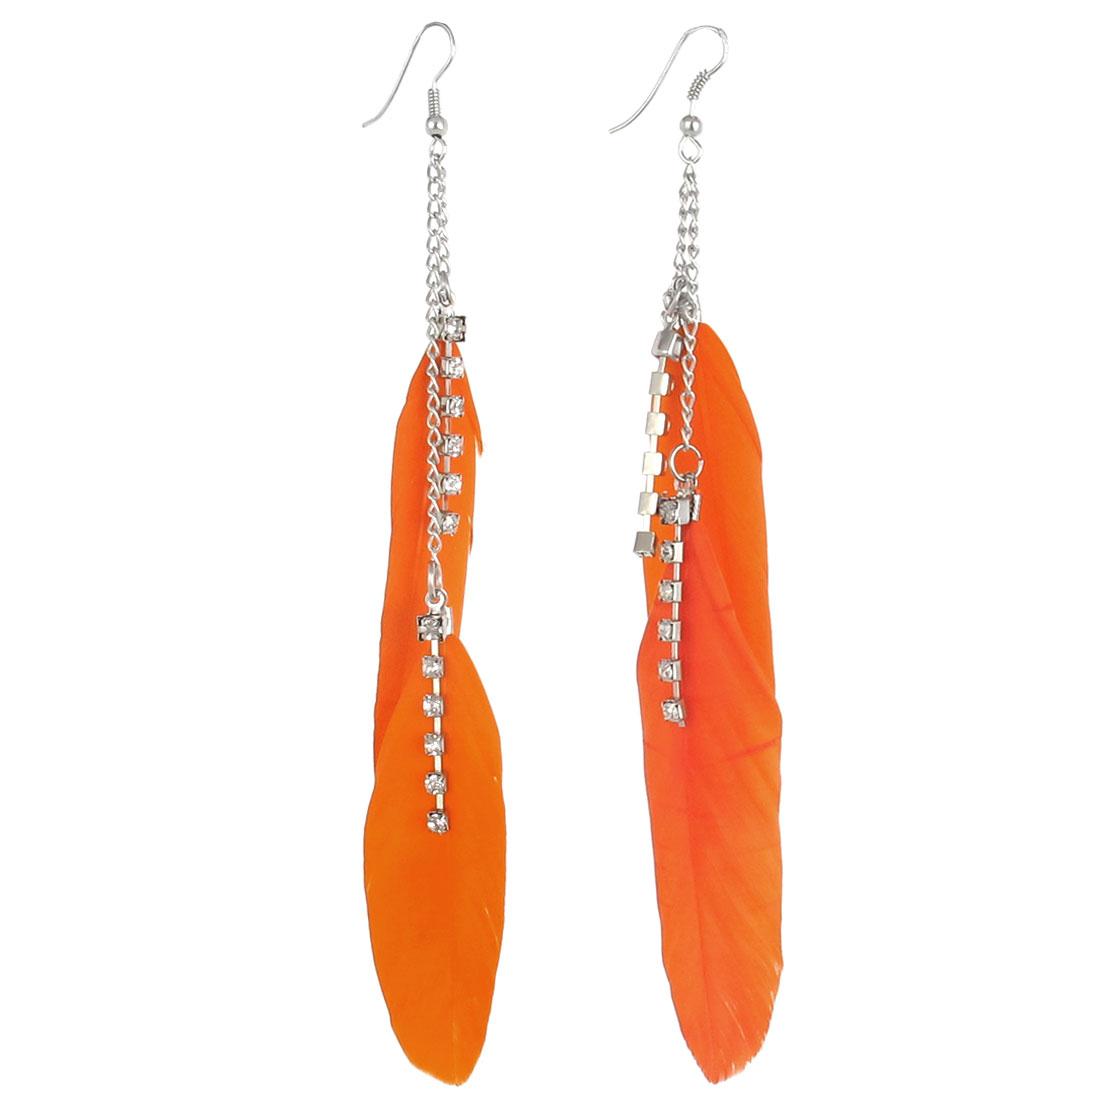 Faux Feather Pendant Fish Hook Dangle Earrings Eardrop Pair Orange